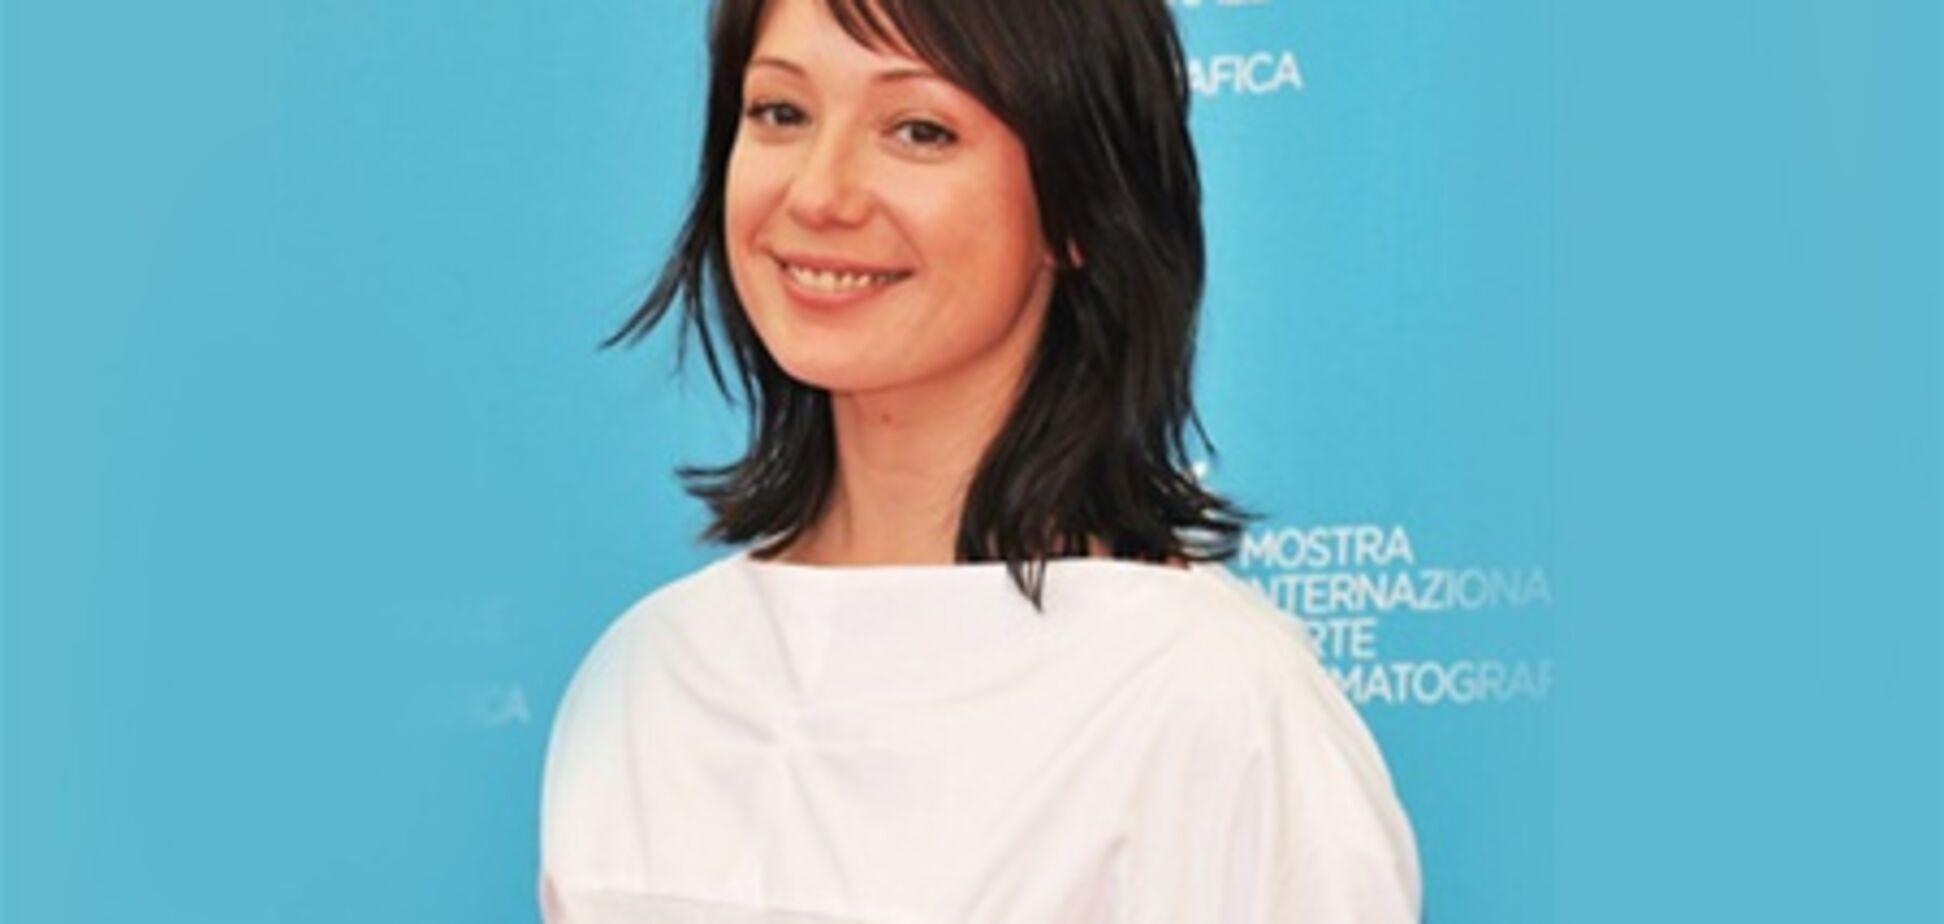 'СБУ треба?' Відома російська актриса зібралася в Крим з гастролями